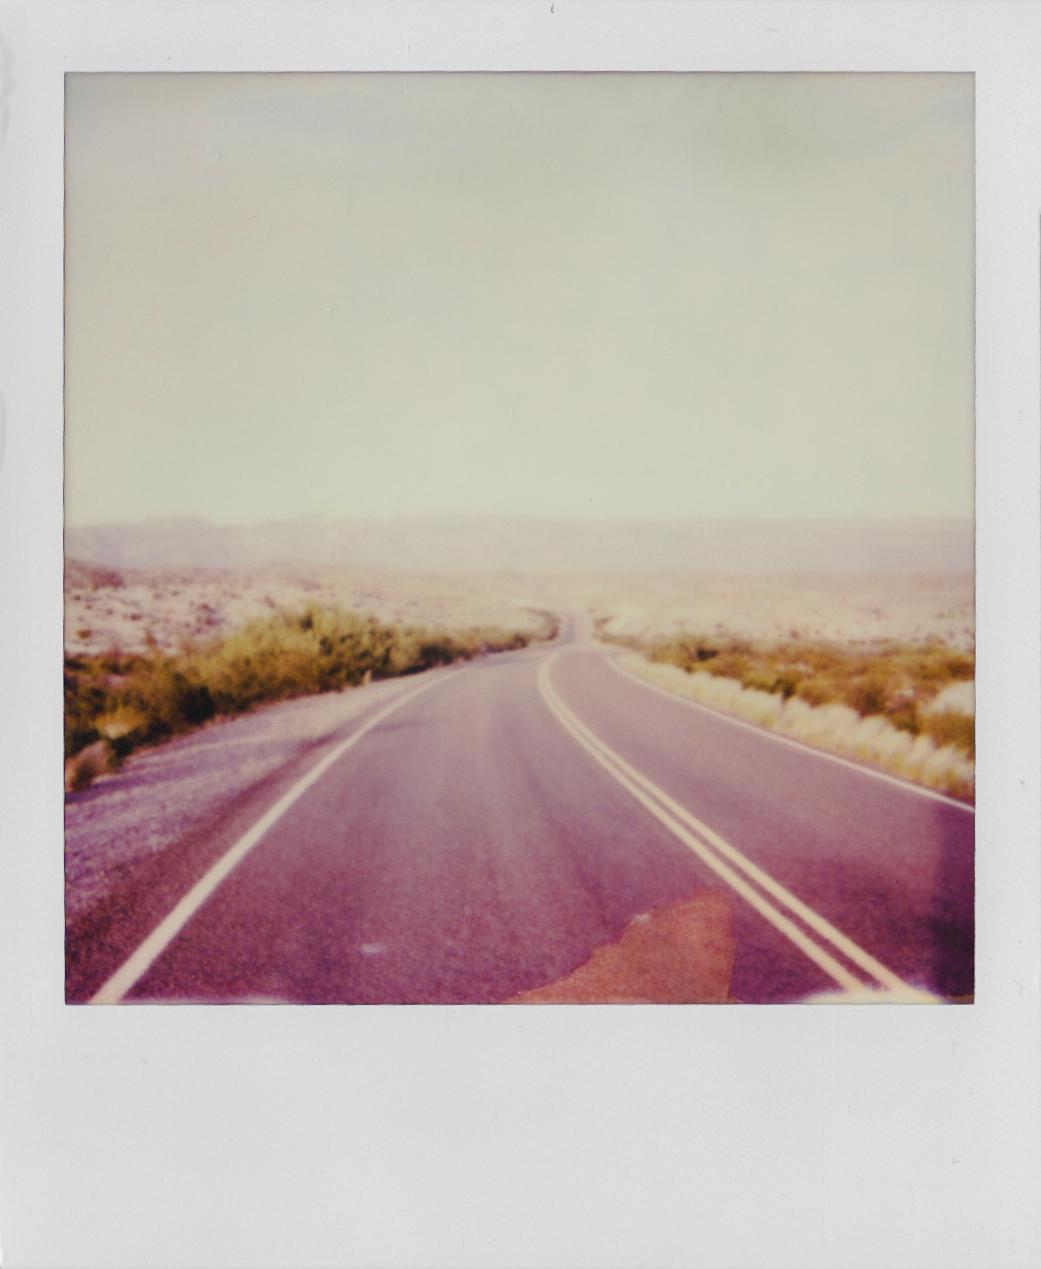 southern_roadtrip_ 9_2.jpg